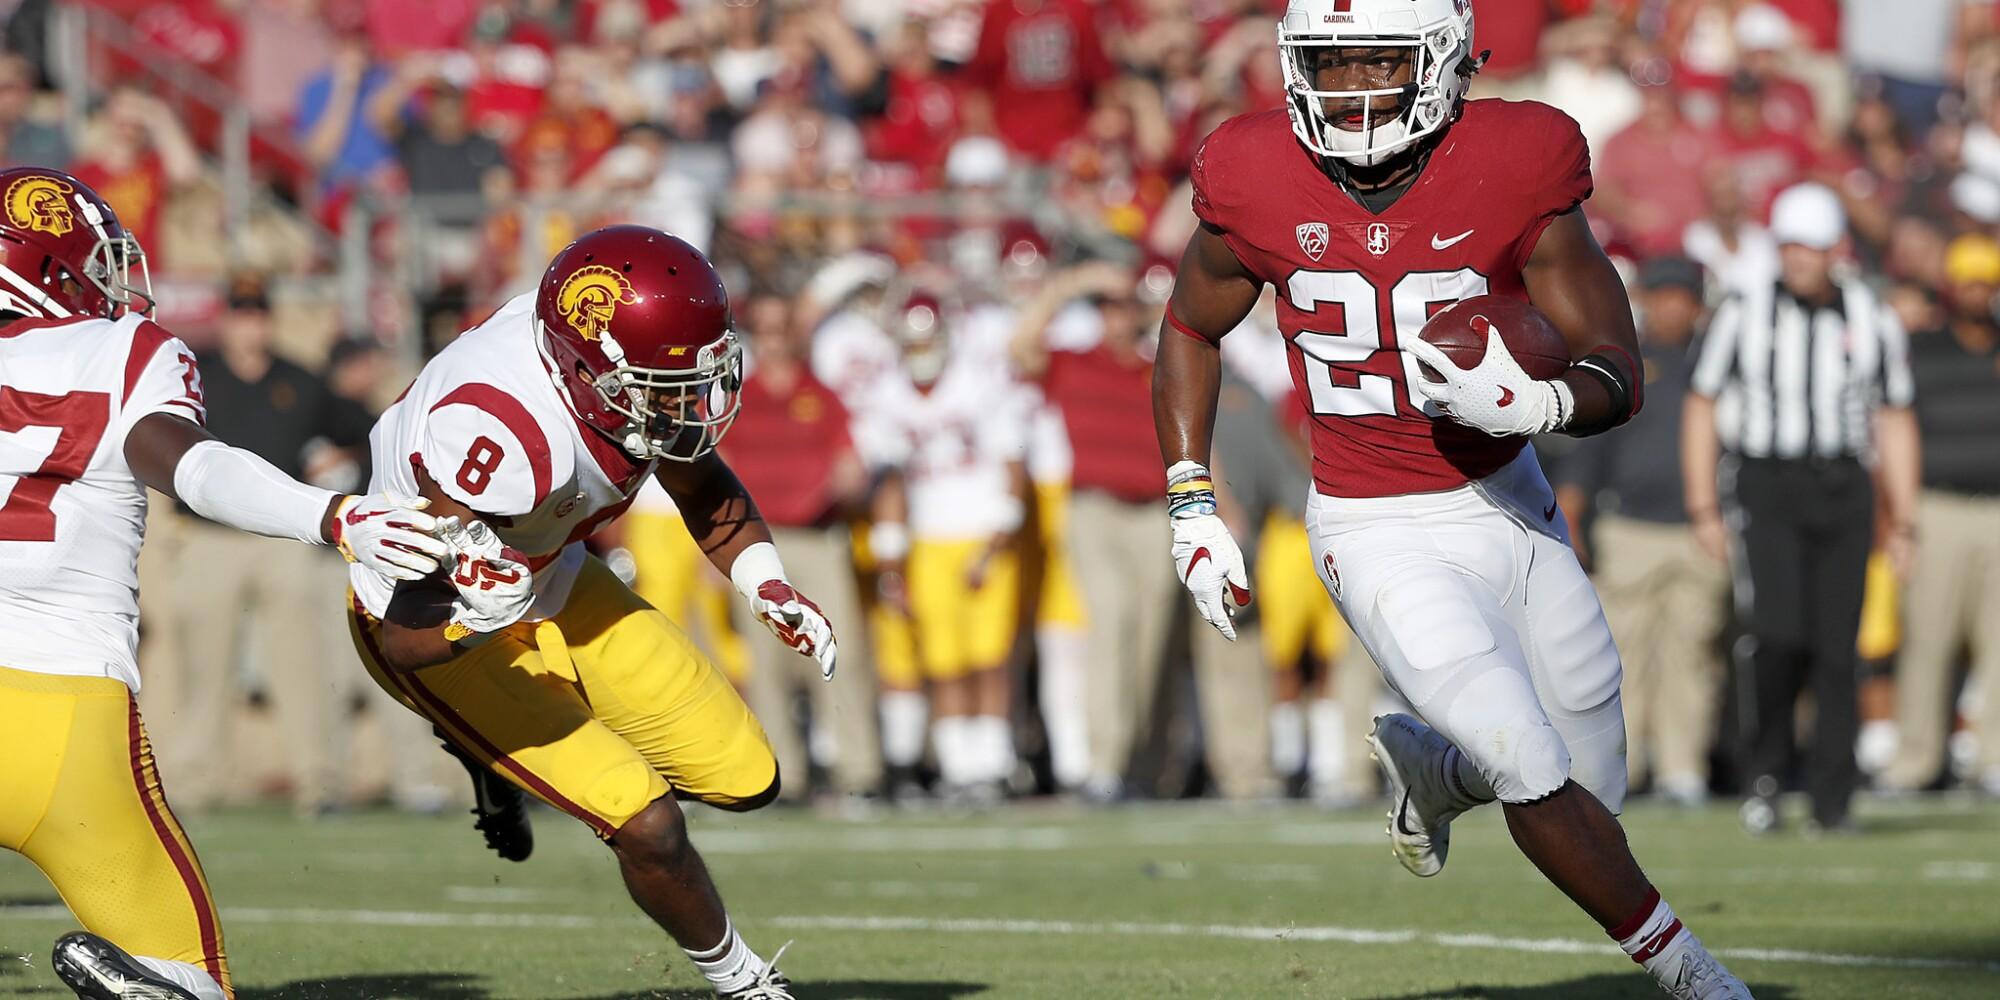 USC vs. Stanford: Live updates